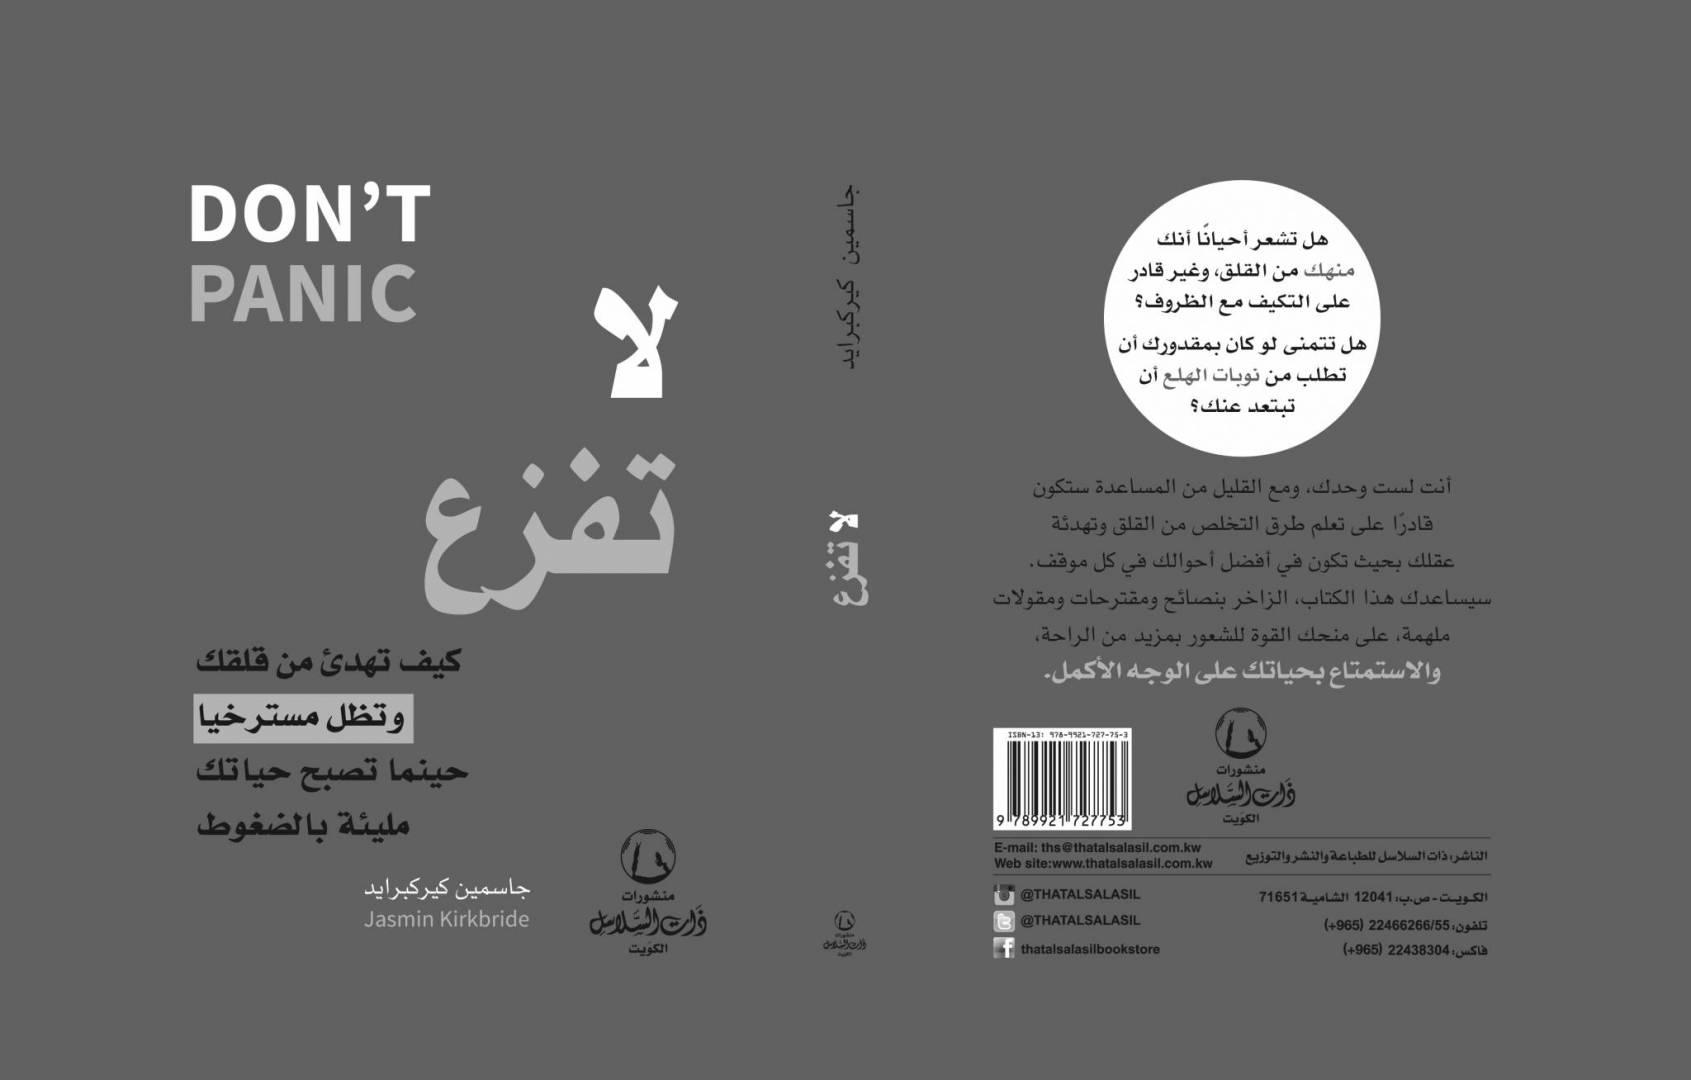 غلاف كتاب «لا تفزع»